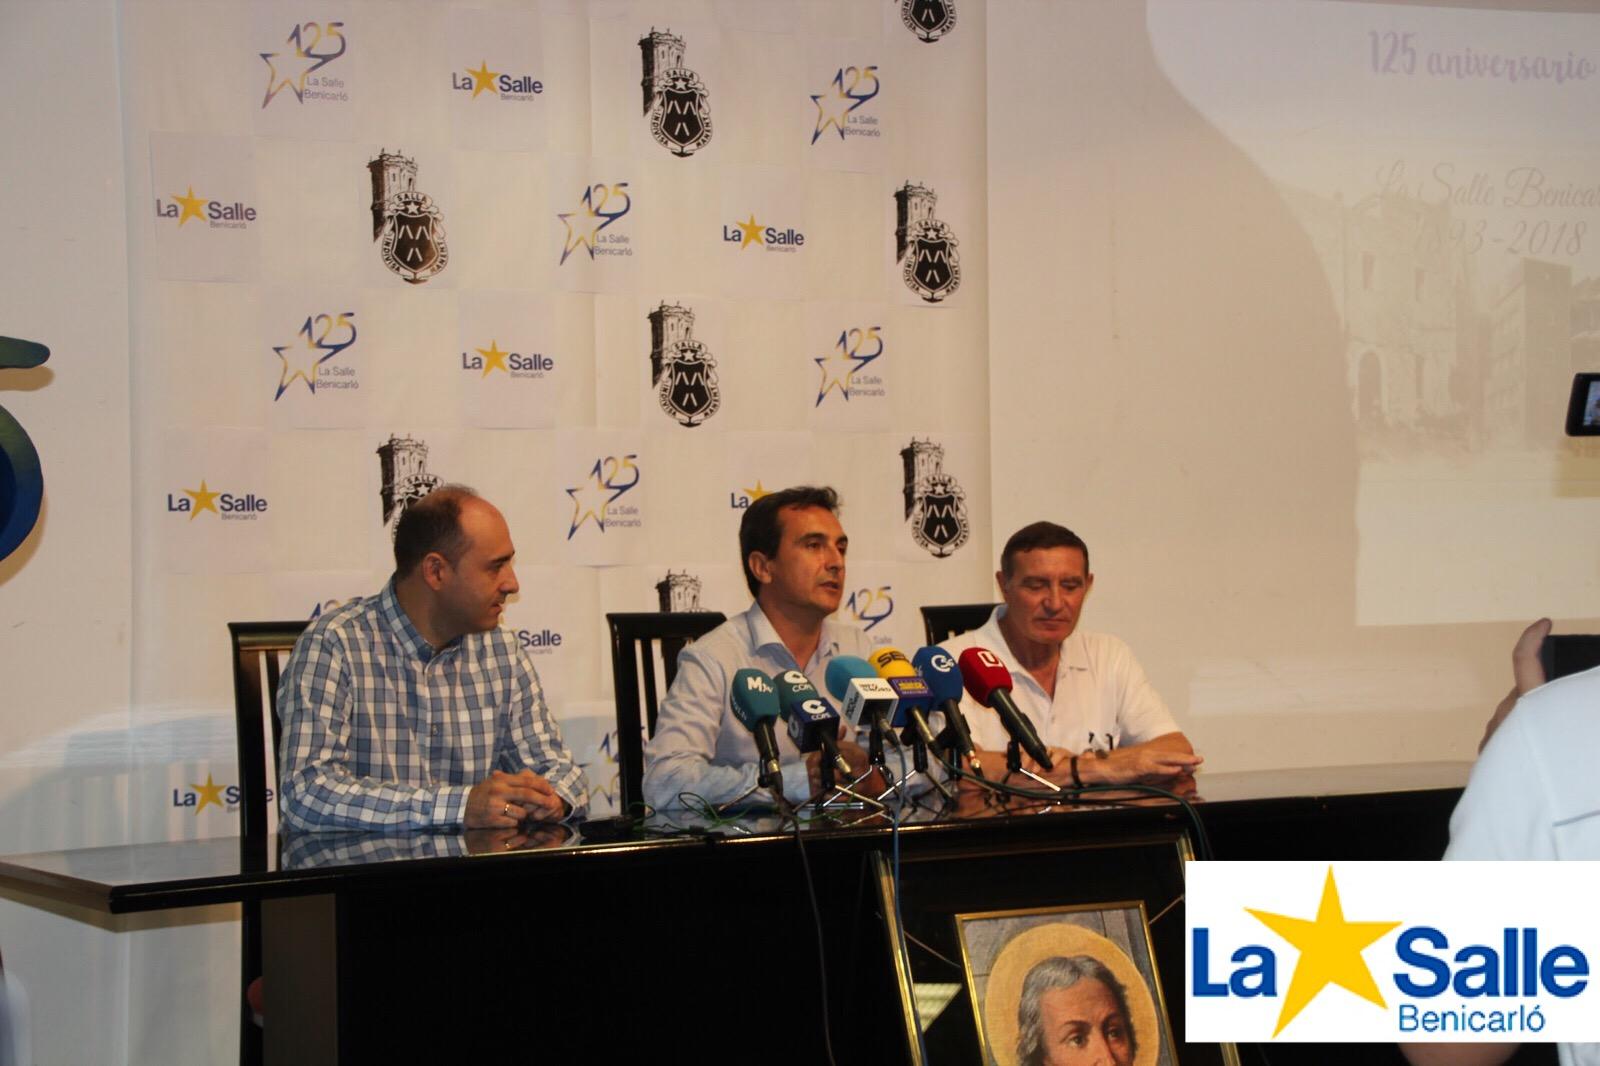 La Salle Benicarló presenta su programa de actos del 125 Aniversario.